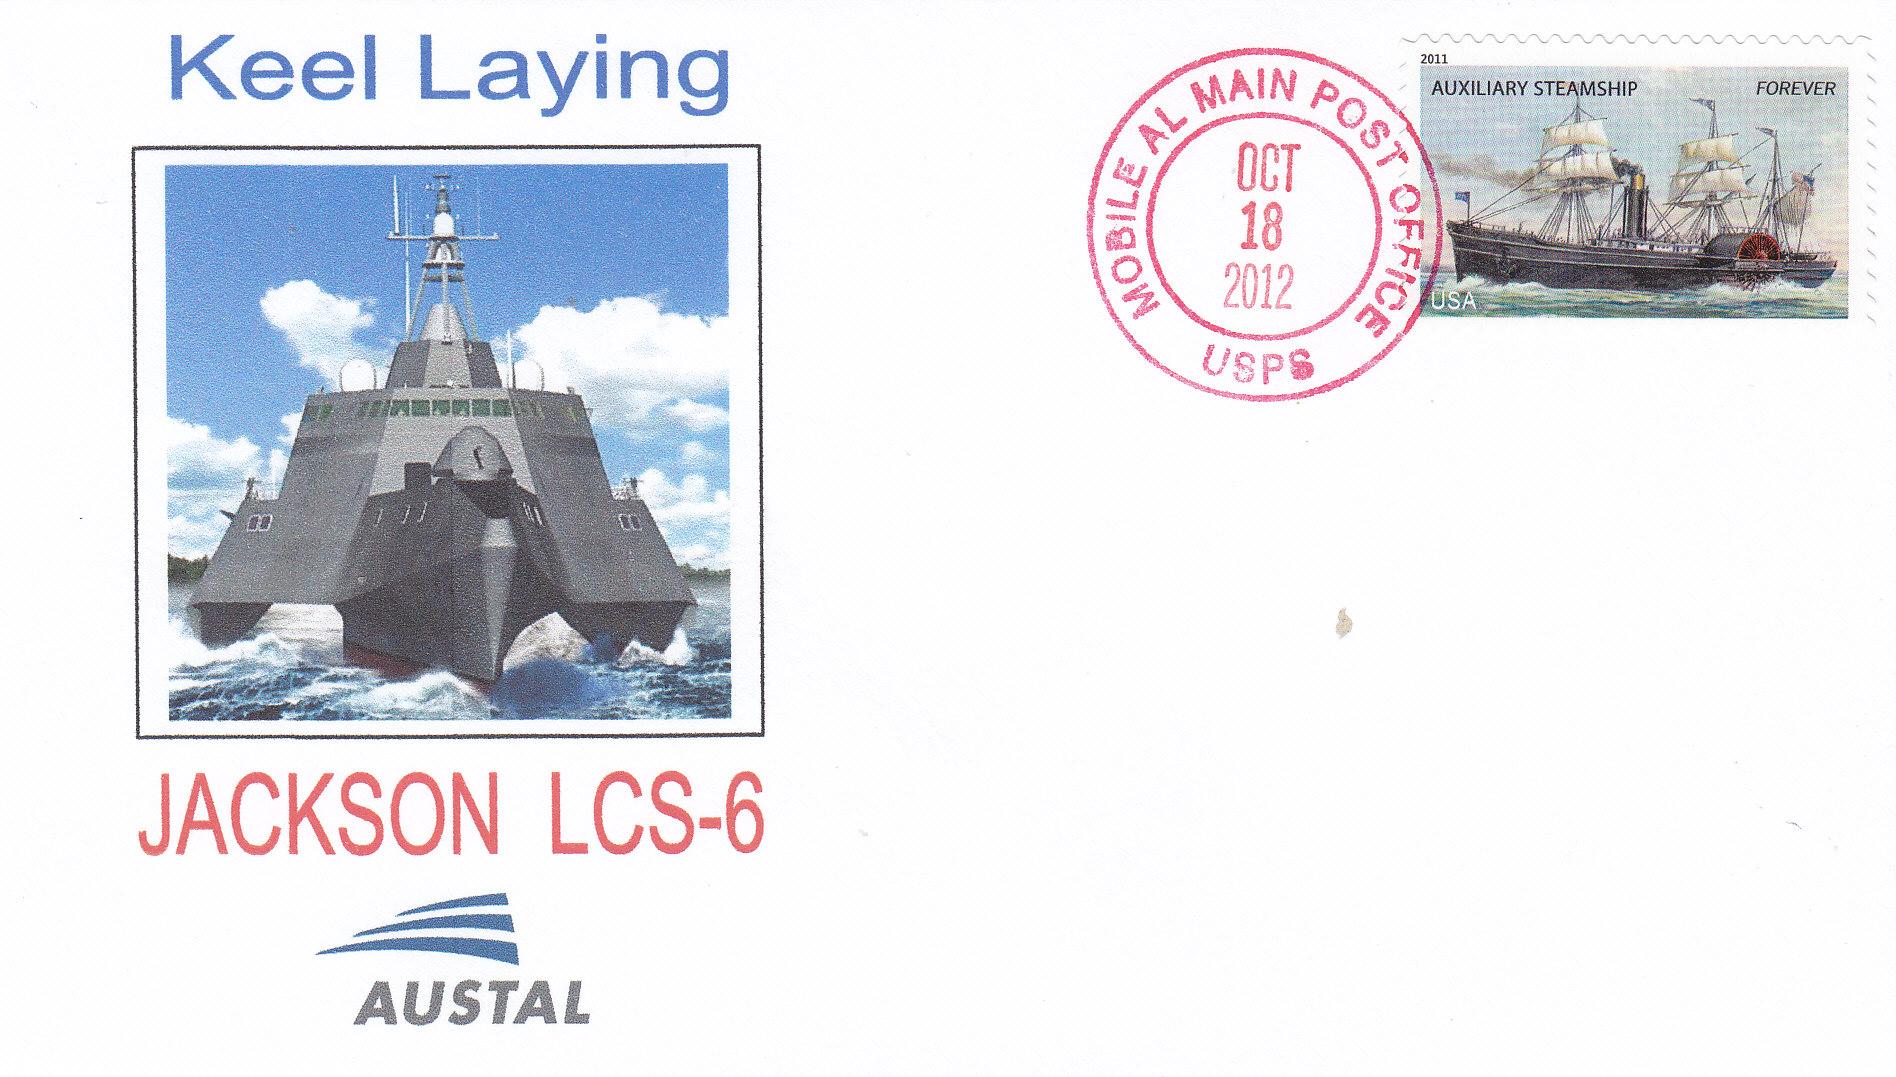 Beleg USS JACKSON LCS-6 Kiellegung